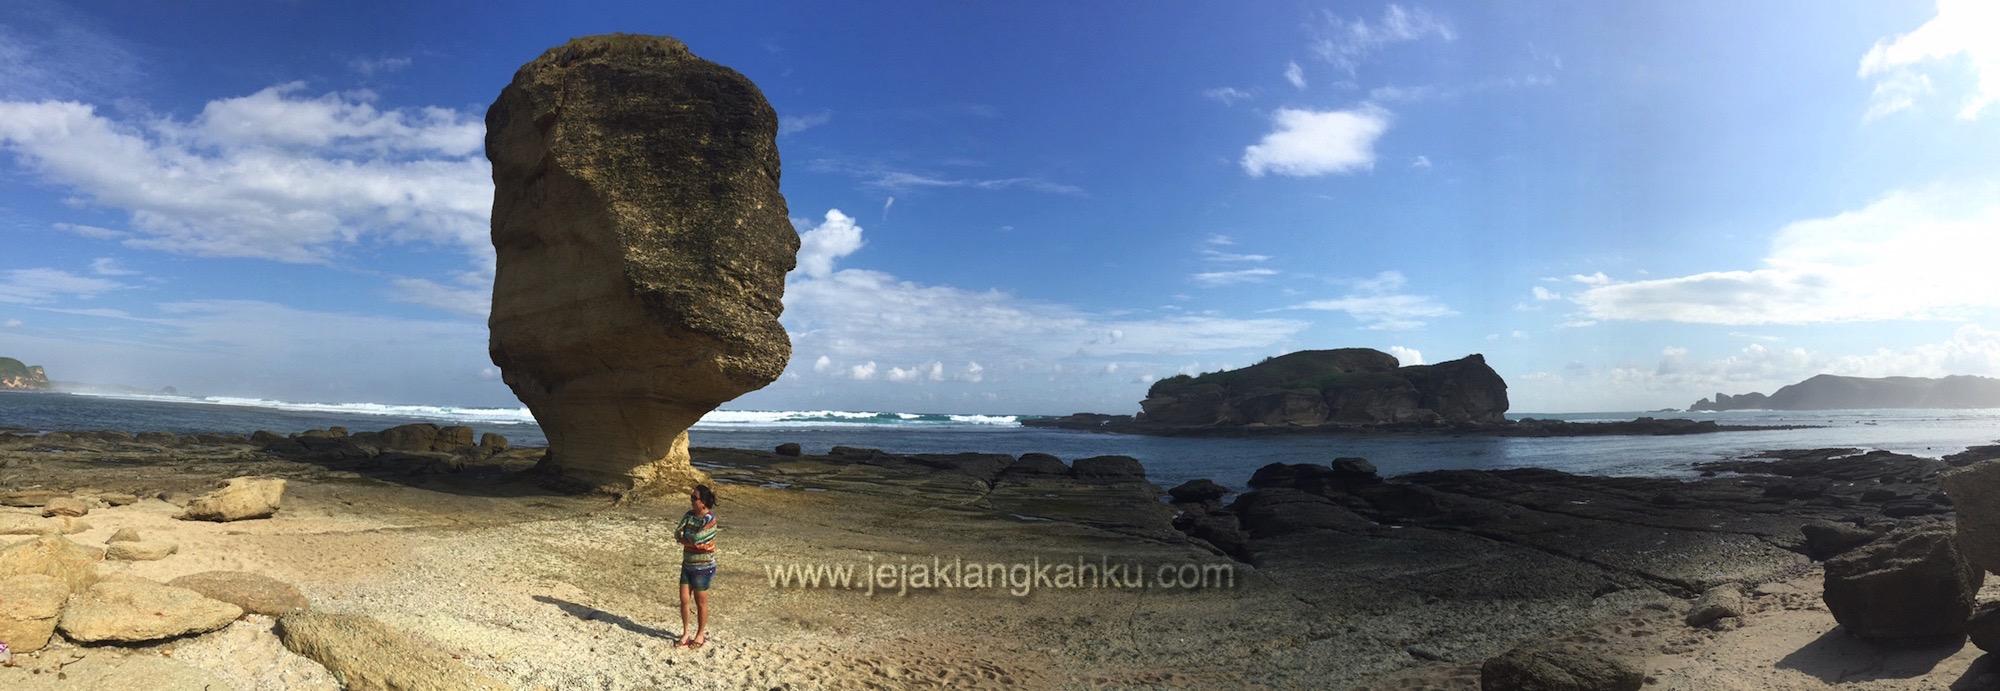 batu payung lombok 10